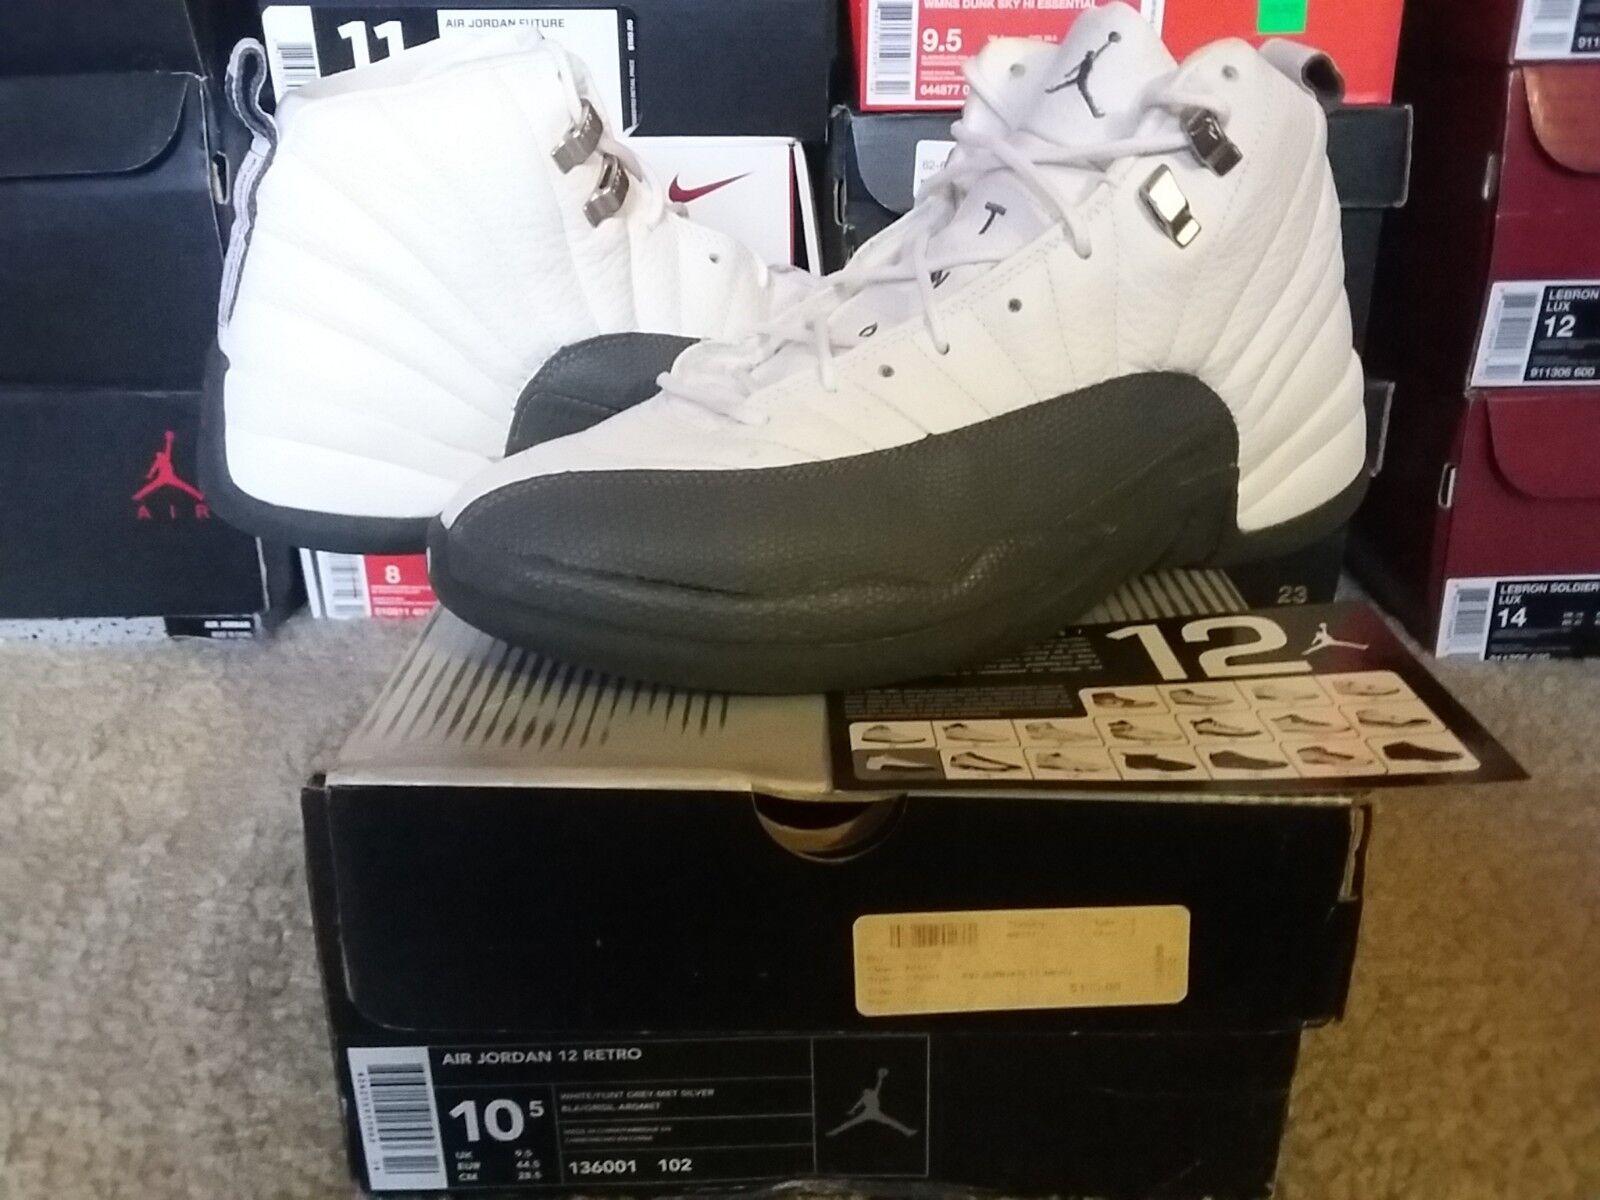 Nike Air Jordan XII 12 OG 2003 Retro White Flint Grey Silver Playoffs 136001 102